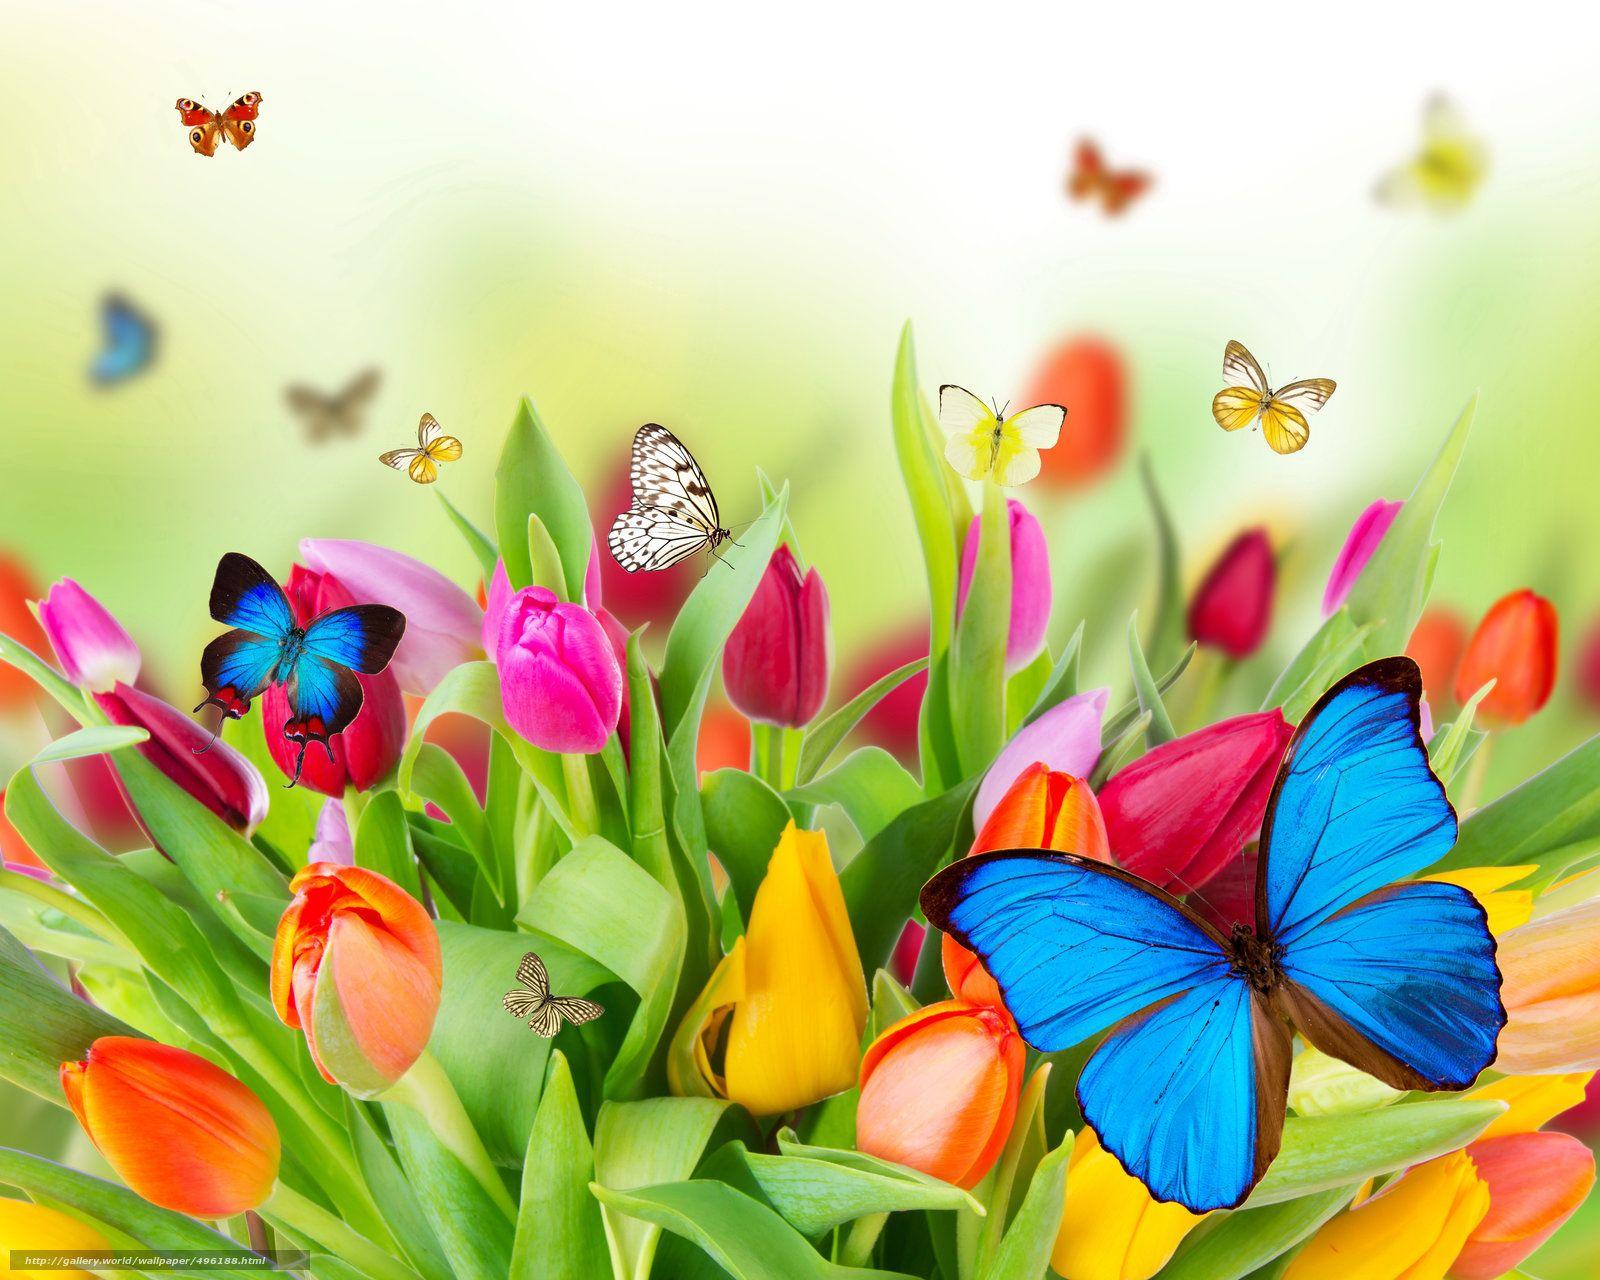 Fotografias De Mariposas Y Flores: Descargar Gratis Tulipanes, Mariposas, Deja